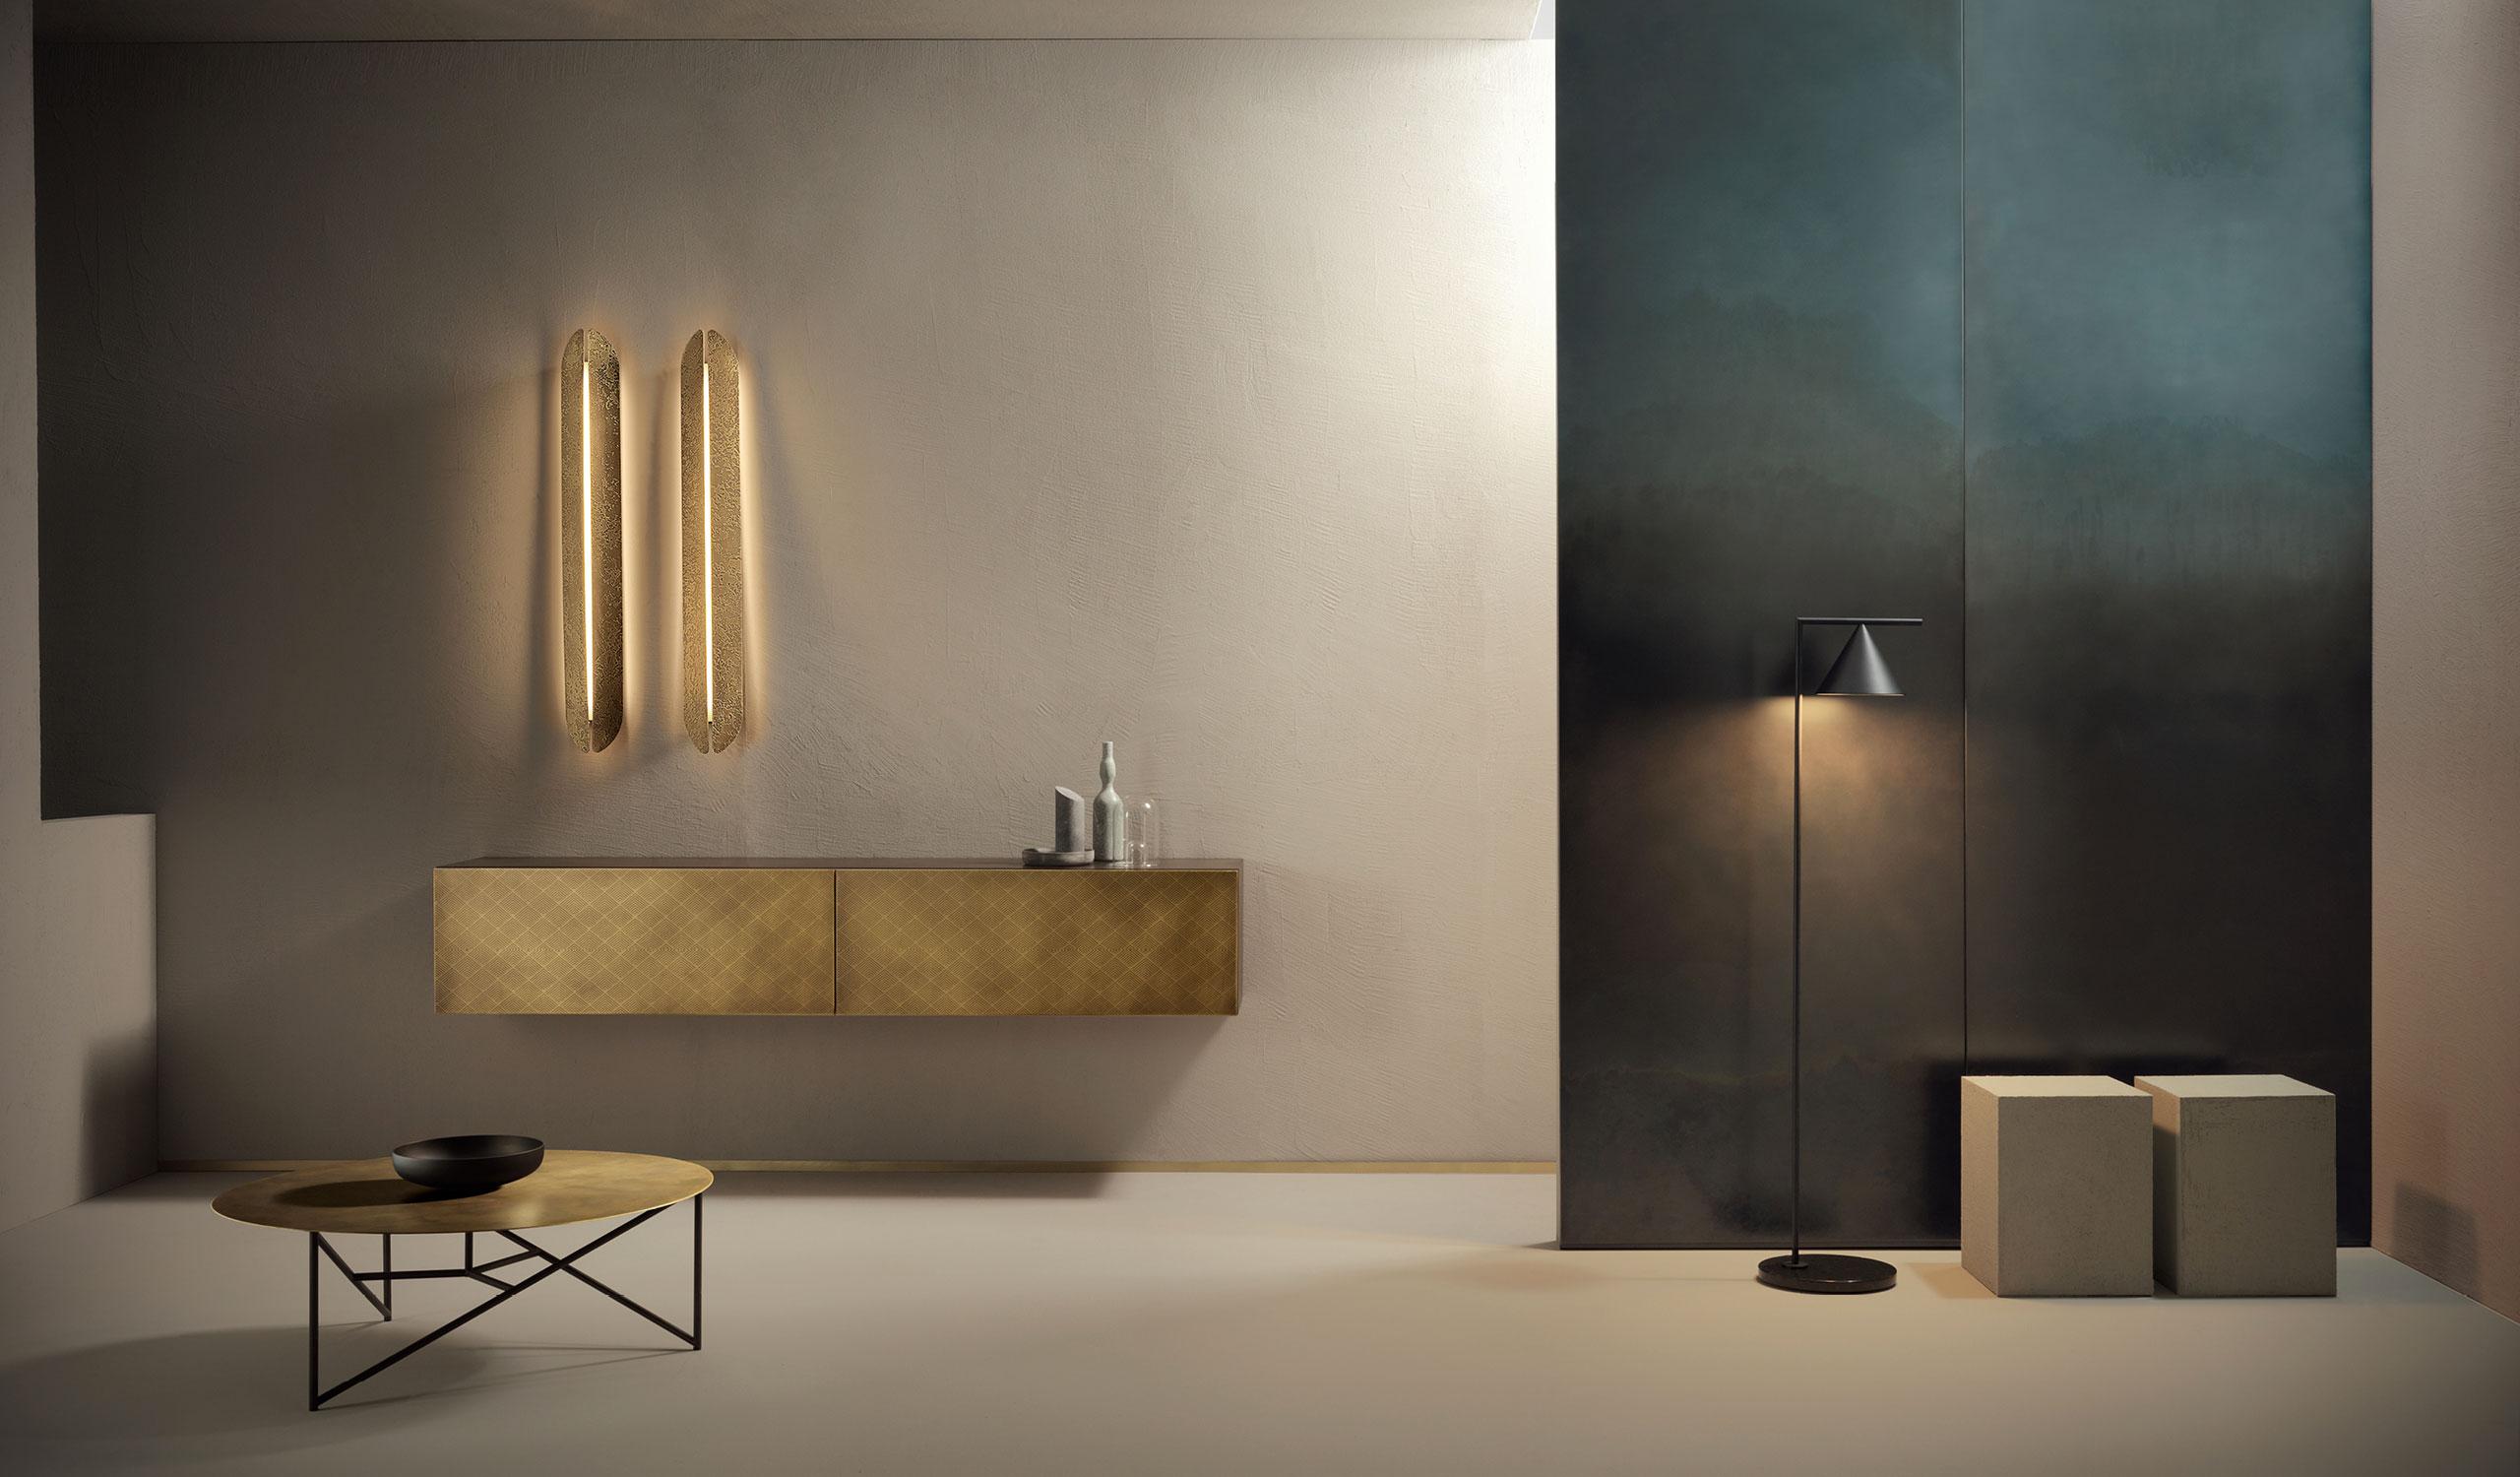 per arredare un ufficio in casa devi trovare dei mobili pratici che siano in armonia con lo stile del tuo appartamento. De Castelli Metal Becomes Furniture Surface Design